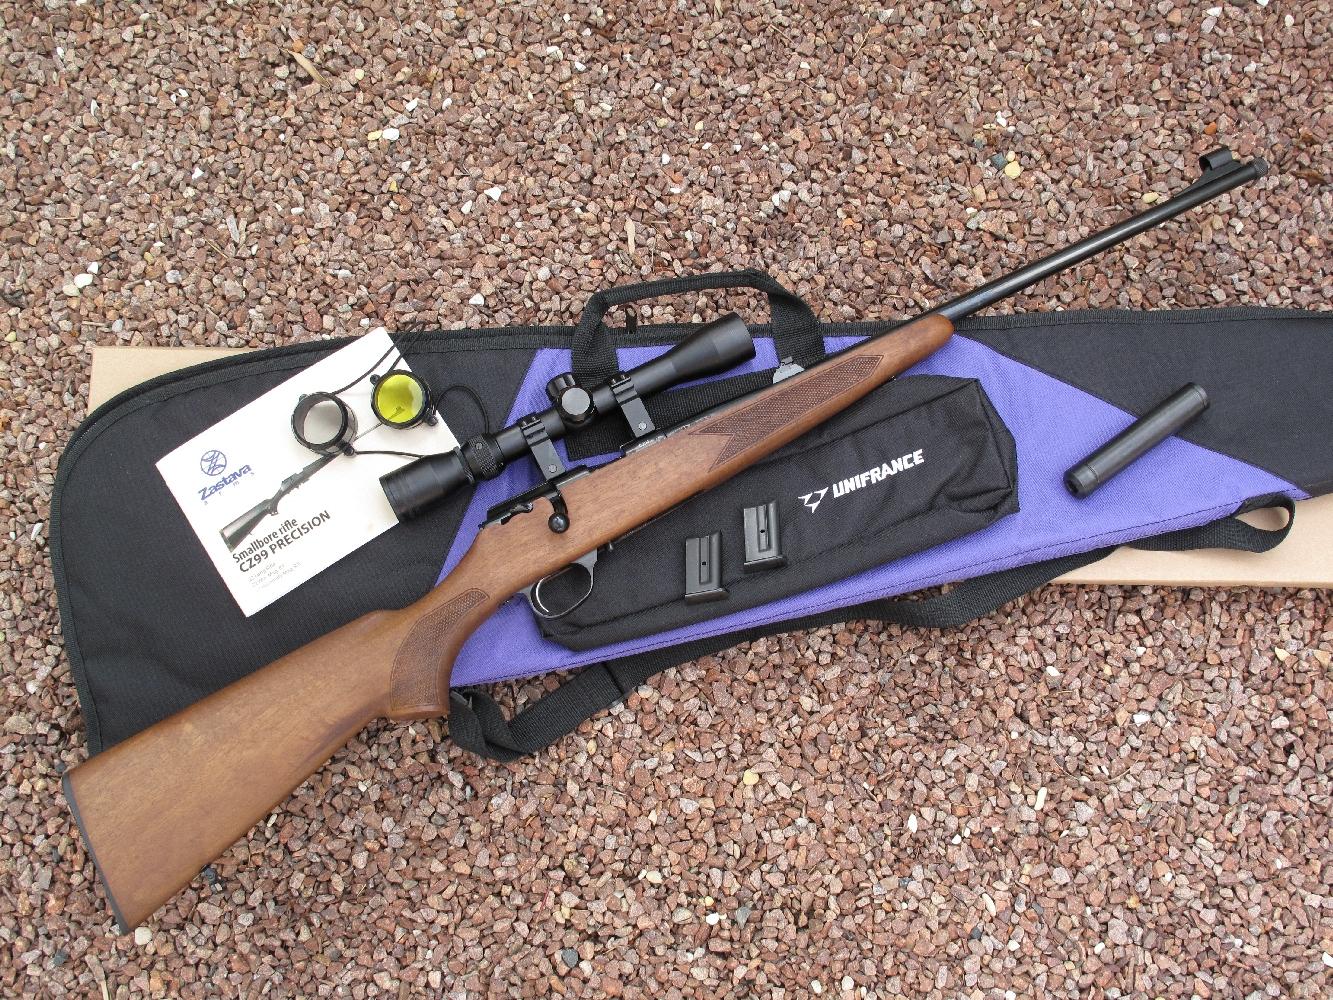 Moyennant un supplément de prix très raisonnable, cette carabine Zastava MP-22 est proposée sous la forme d'un kit incluant une lunette Lynx 3-9 x 32 avec son montage, un silencieux SAI tout acier et une housse de transport molletonnée.